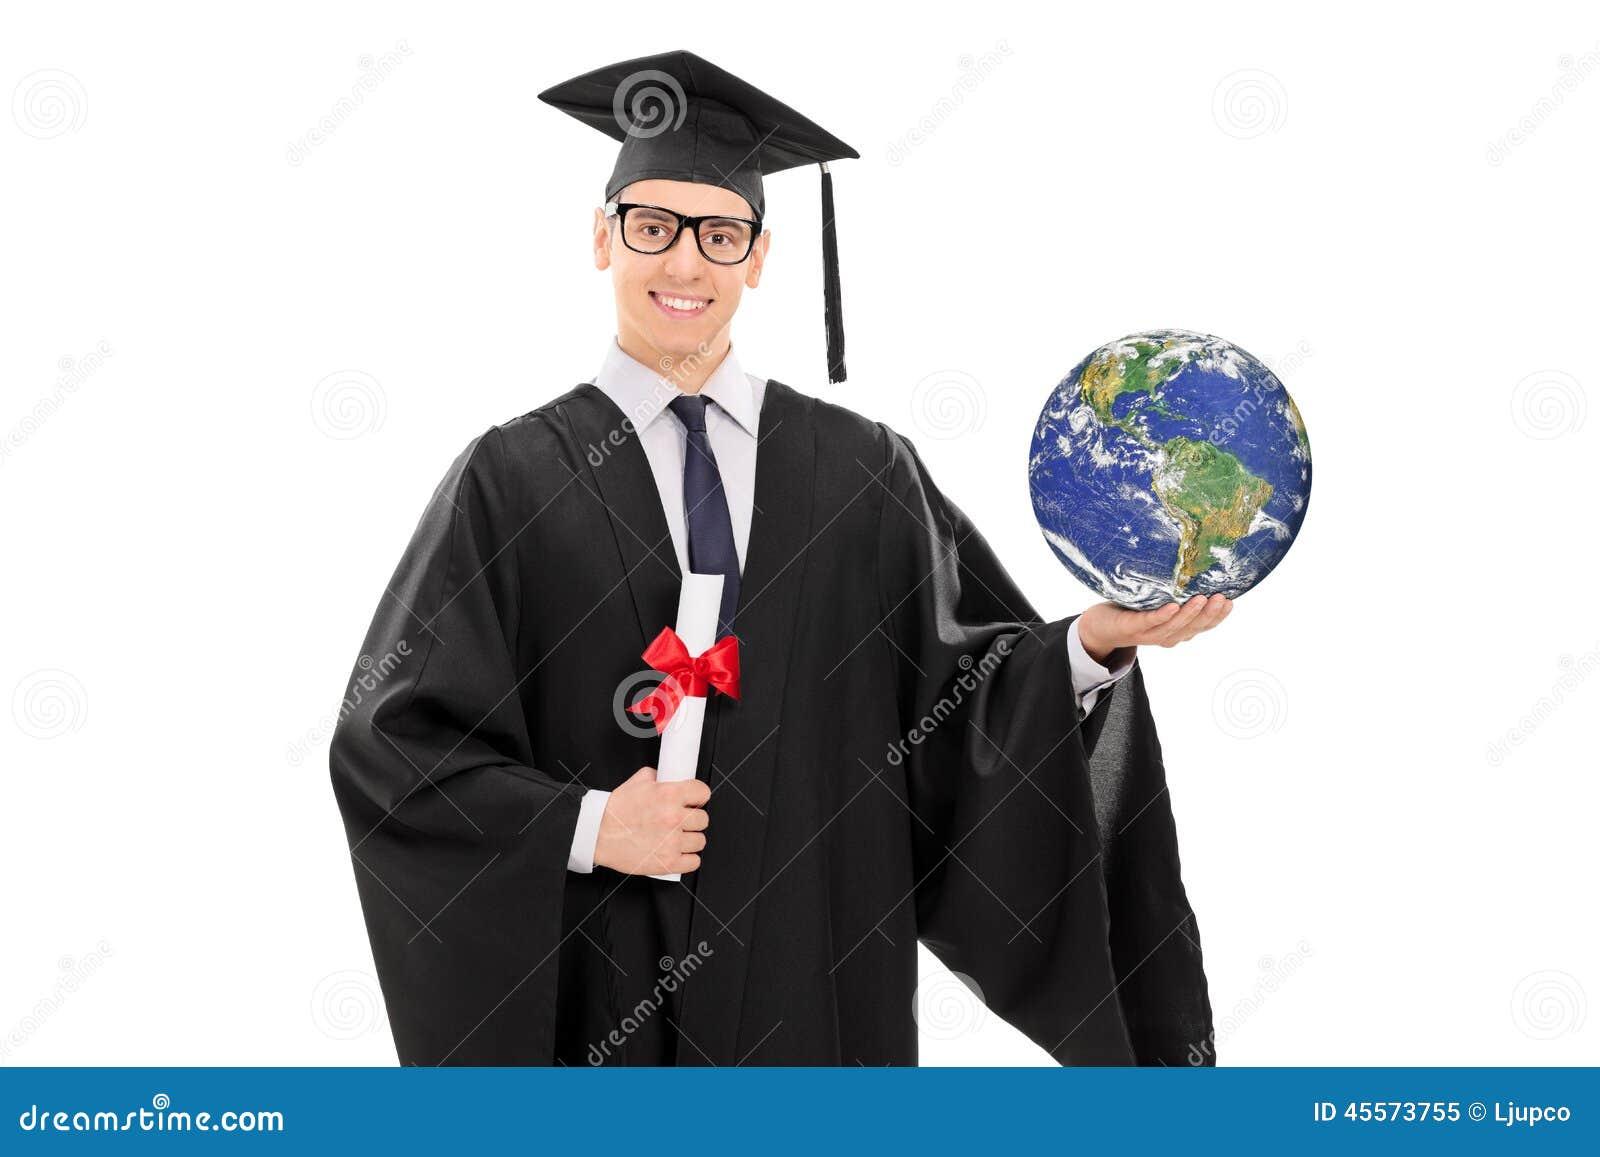 拿着重点和图象的初中毕业生隔绝在文凭白色,在公共领域的大学背景和世界地球铜仁市图片